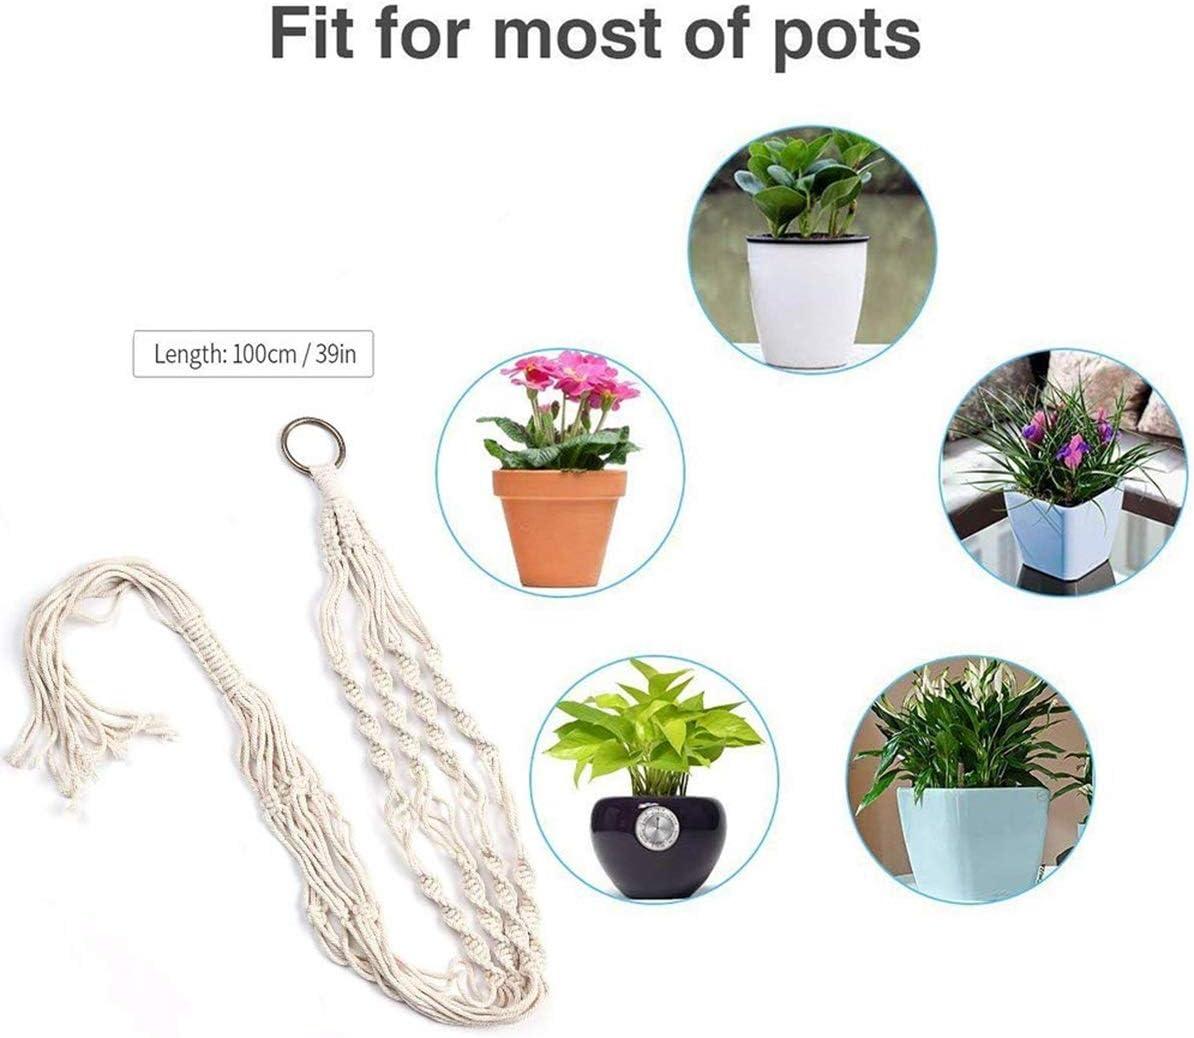 Wallfire Jardini/ère Suspendue de Coton de Panier de jardini/ère accrochante dint/érieur de Pots de Plantes pour Le Bureau /à la Maison 1Pc ou 4 de Jardin Size : 1PCS